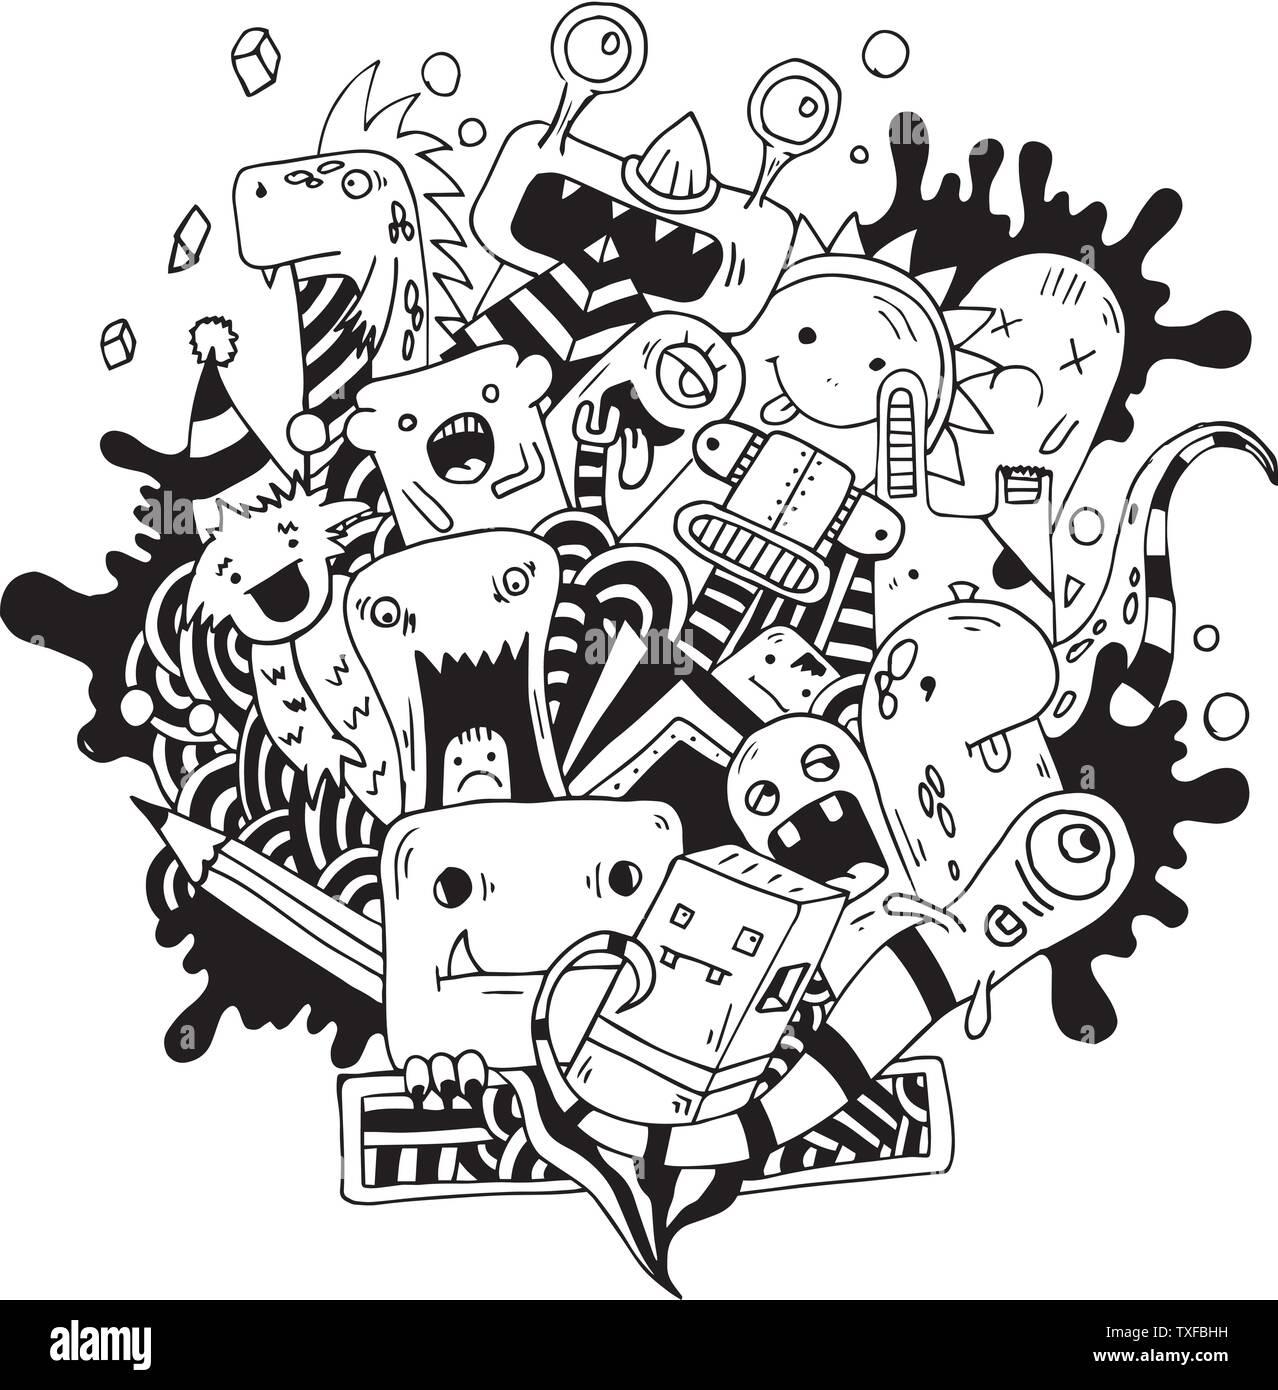 Handzeichnung doodle Monster auf Weiß Stock Vektorgrafik   Alamy